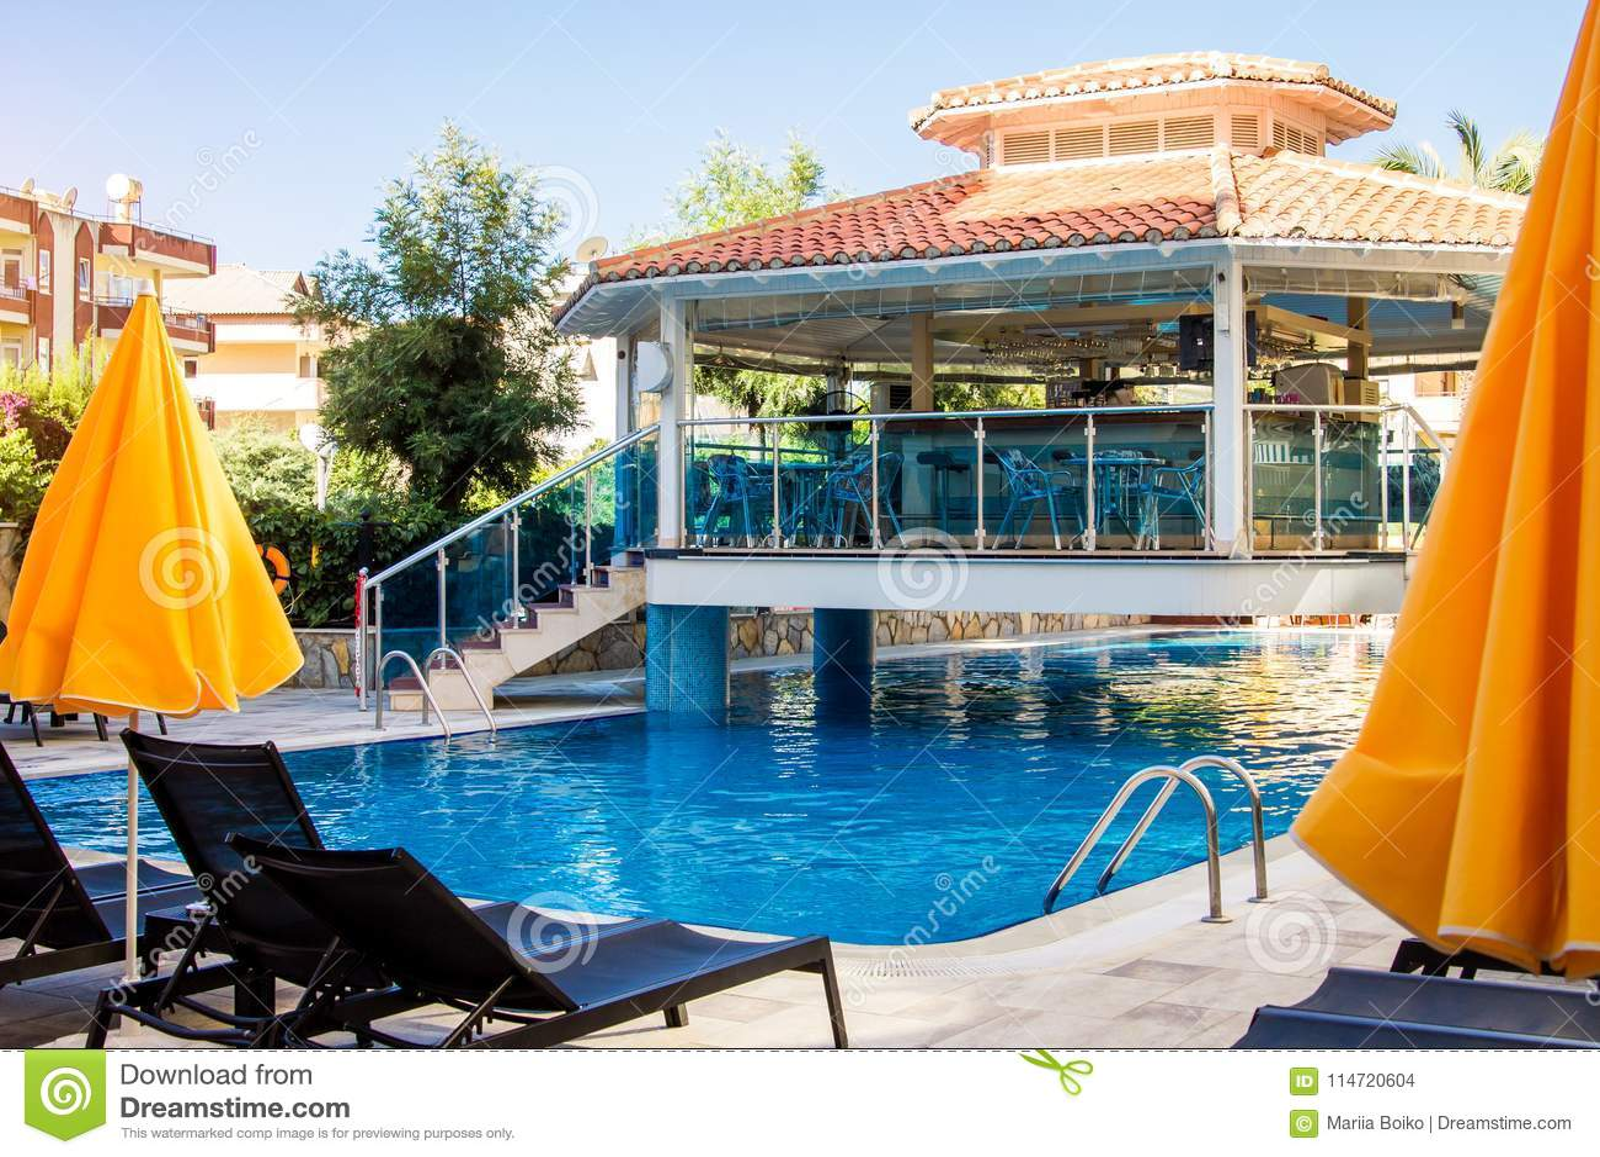 Alanya, Turquia, o 8 de setembro Bar do hotel situado sobre a piscina Girassol da casa de campo Conceito das férias de verão